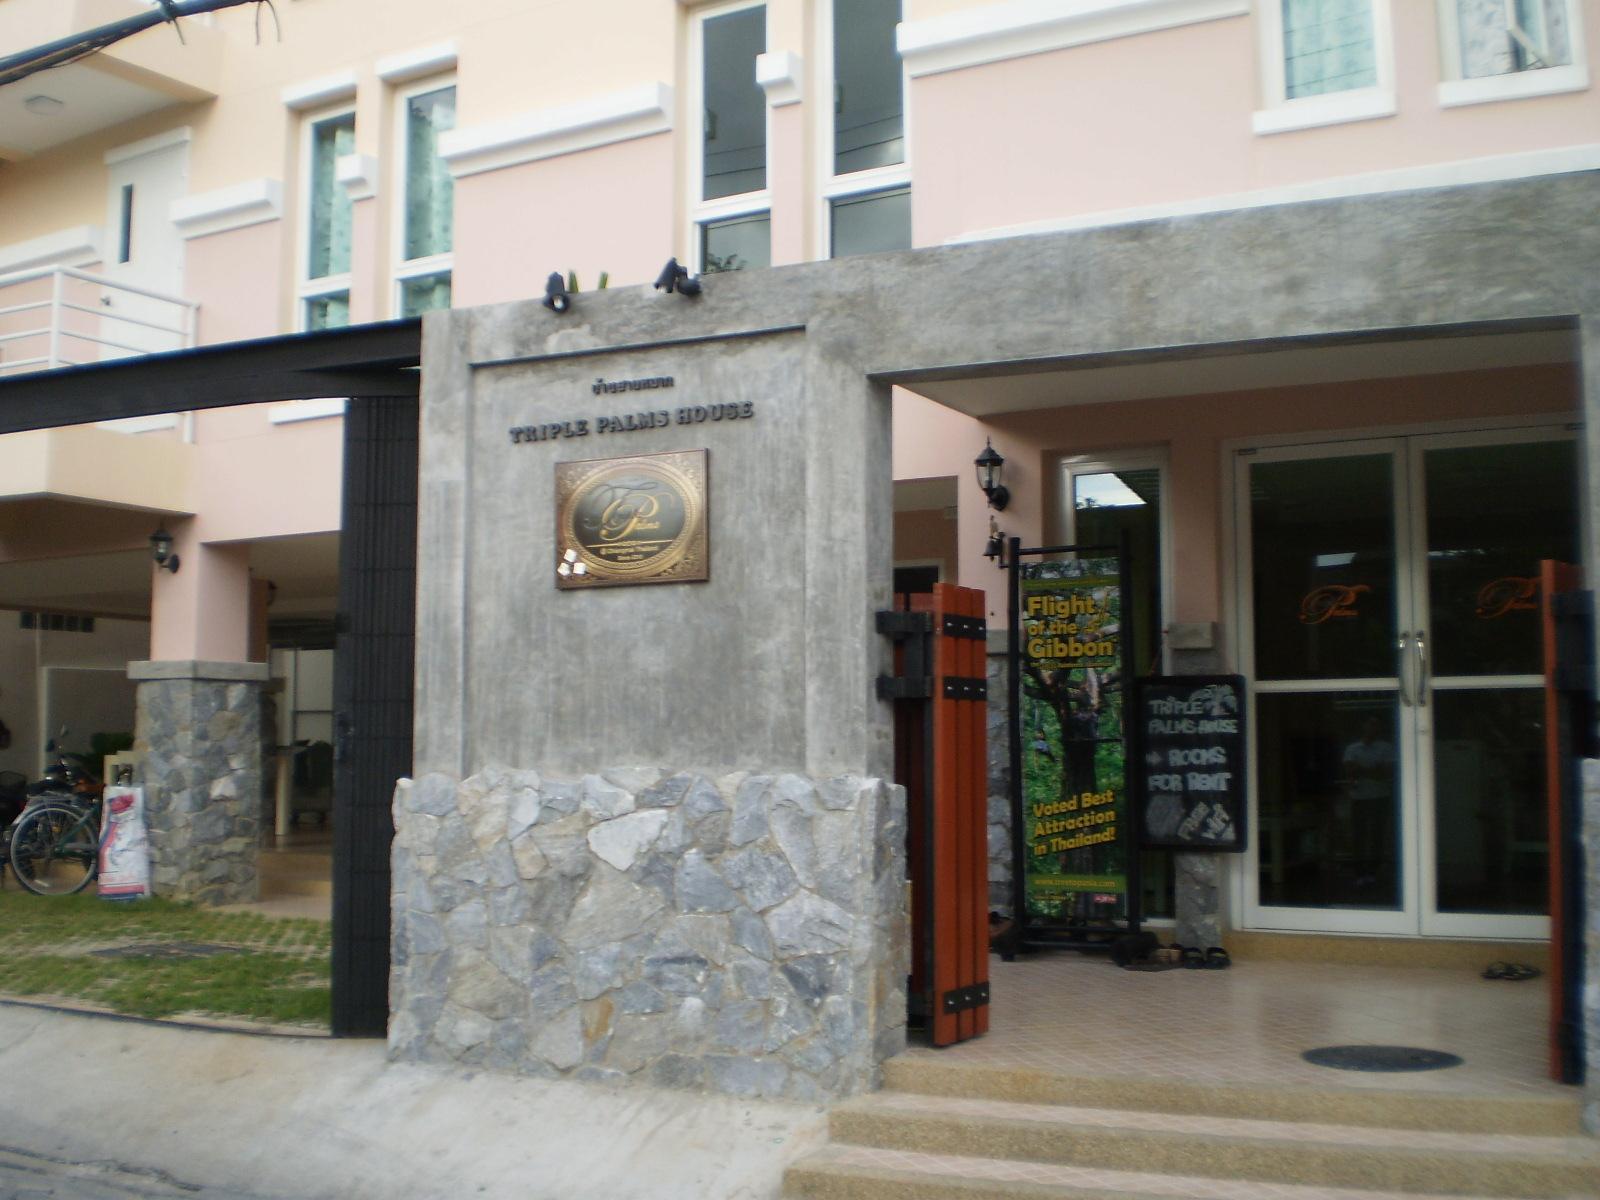 三棕榈楼酒店,ทริปเปิล ปาล์มส์ เฮาส์